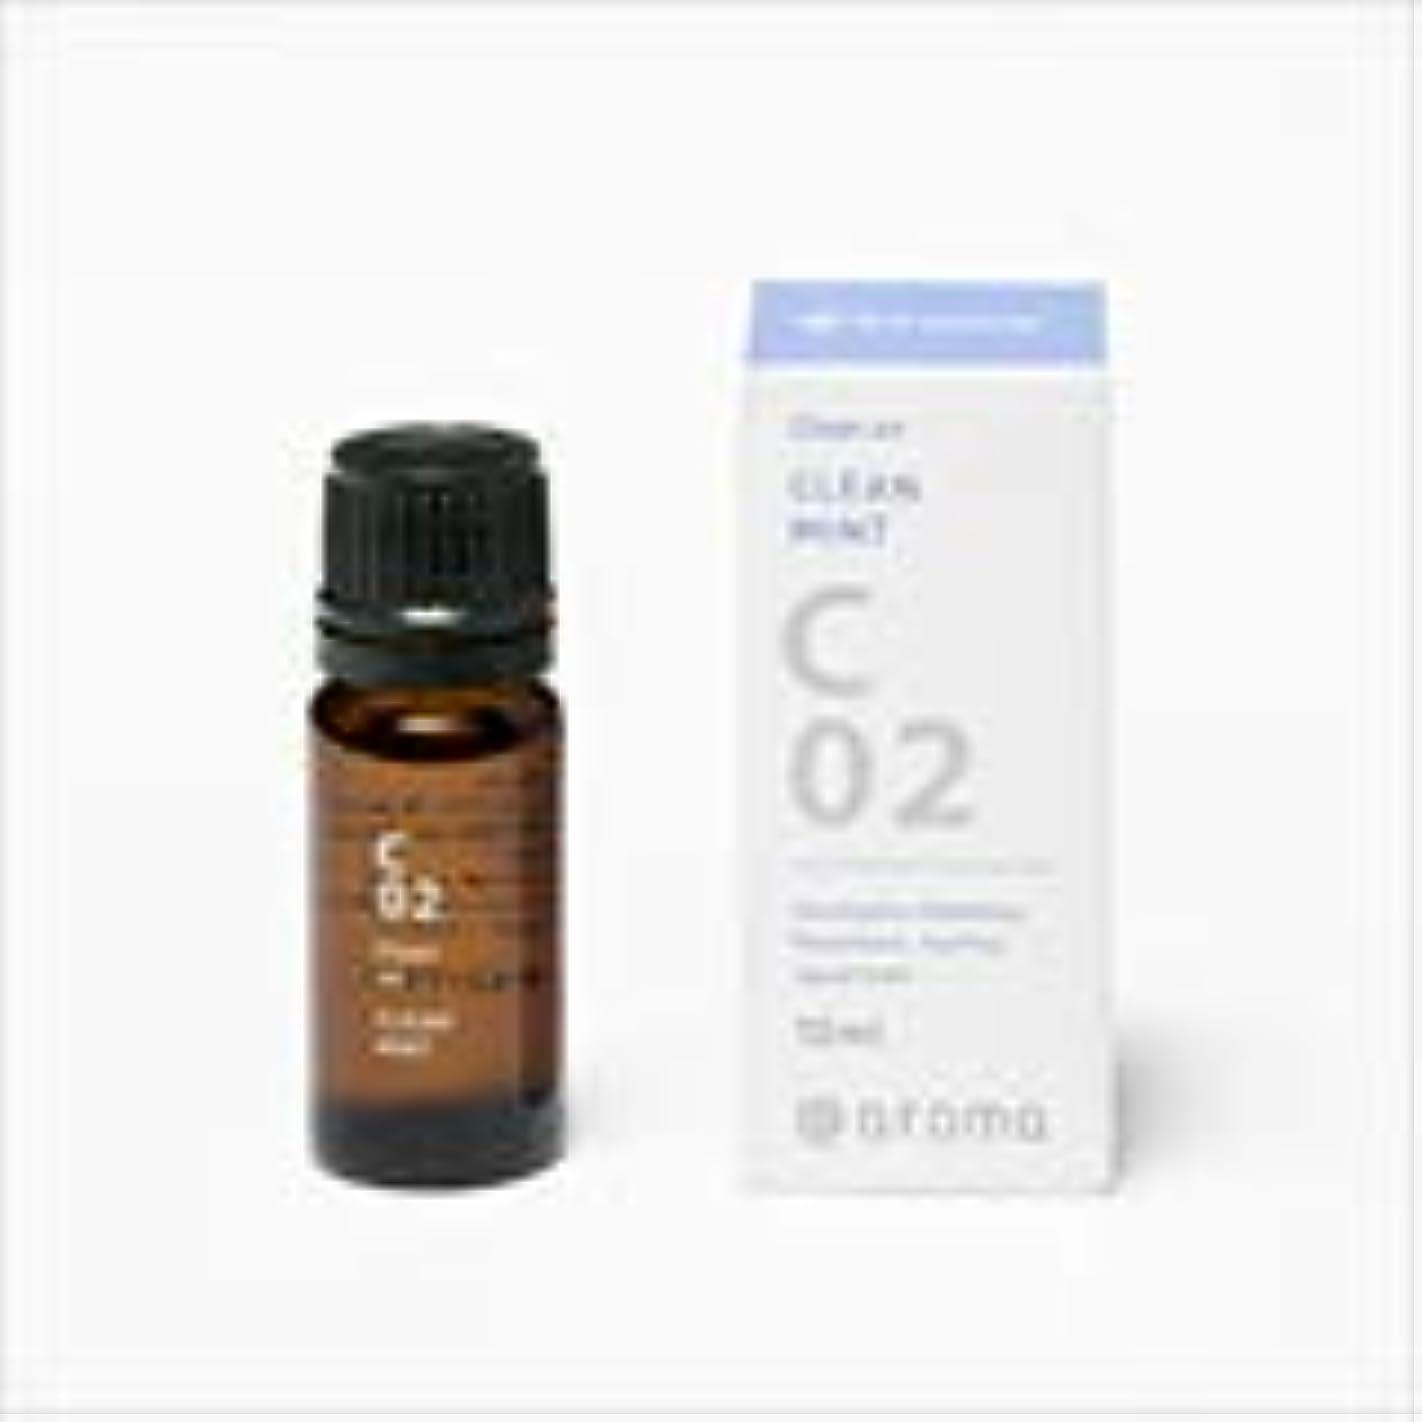 喉が渇いた魅力そのようなアットアロマ 100%pure essential oil <Clean air ウォームフィール>